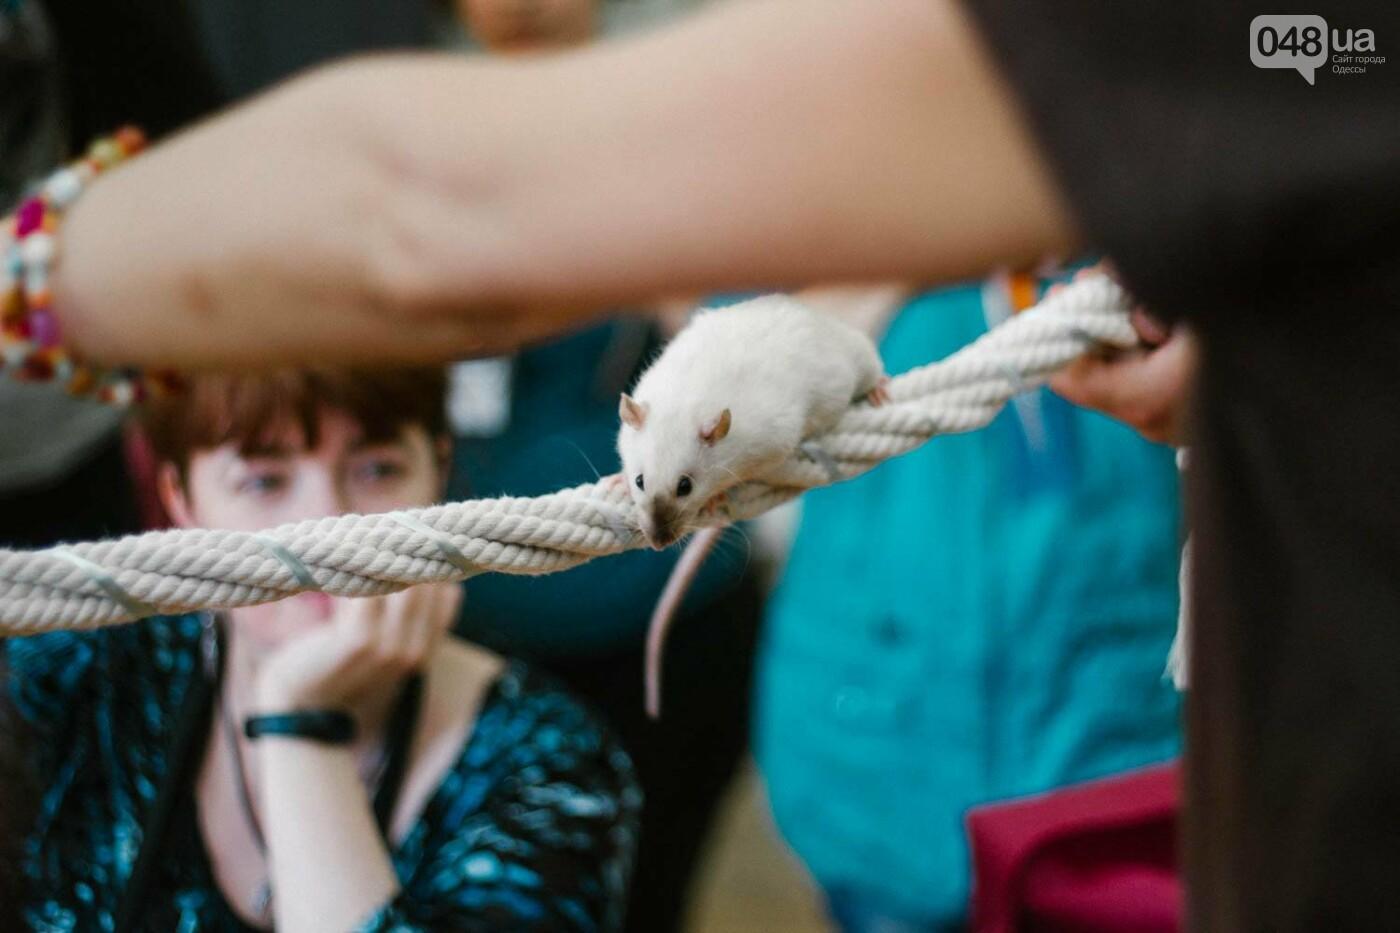 Канатоходцы, бегуны и модники: в Одессе крысам устроили необычный конкурс, - ФОТО, фото-10